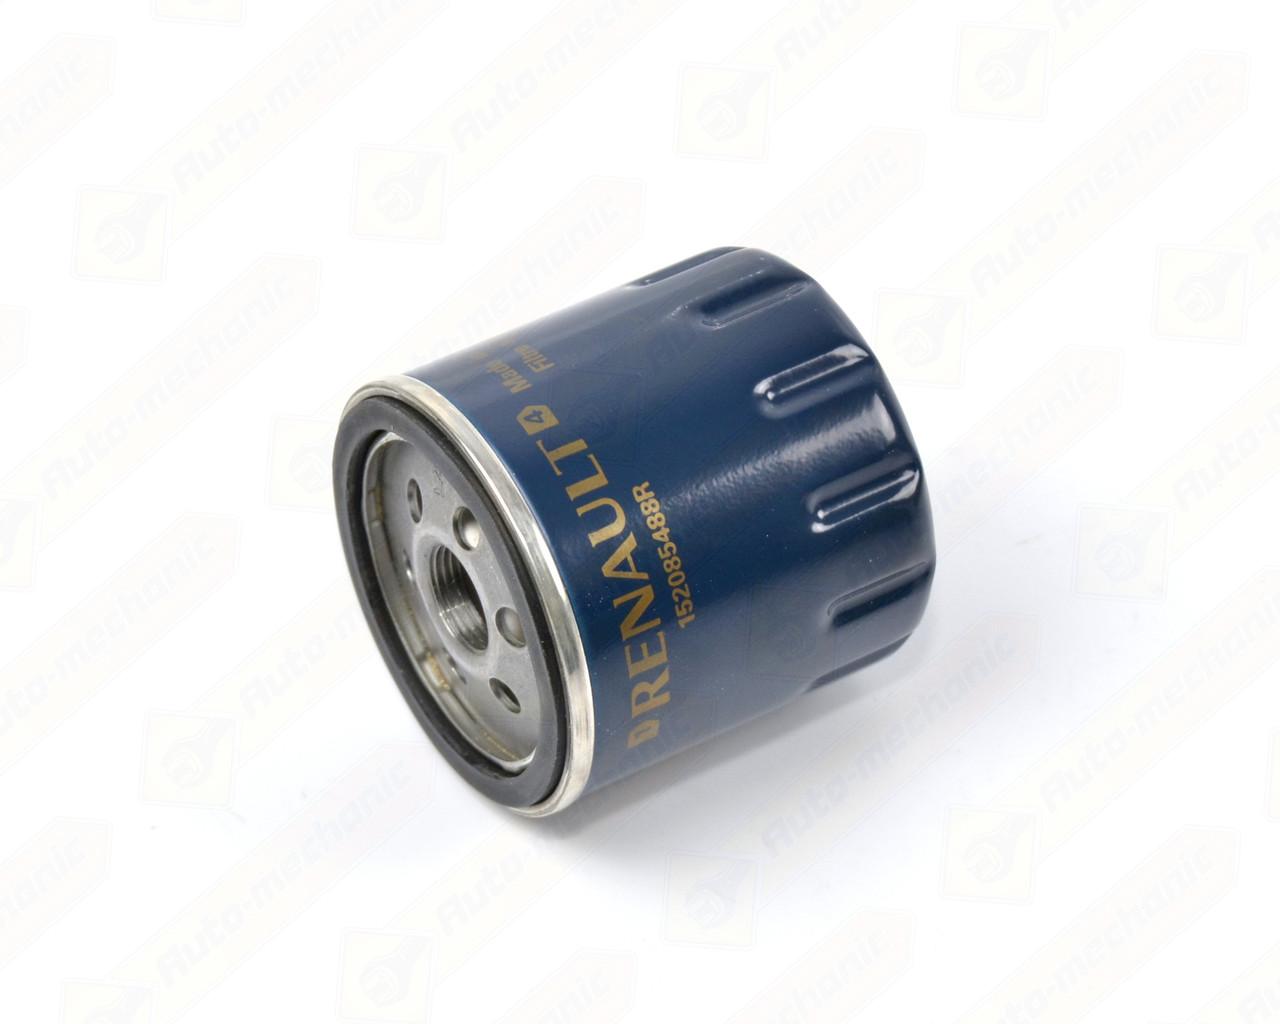 Фильтр масла на Renault Megane III - Renault (Оригинал) - 152085488R